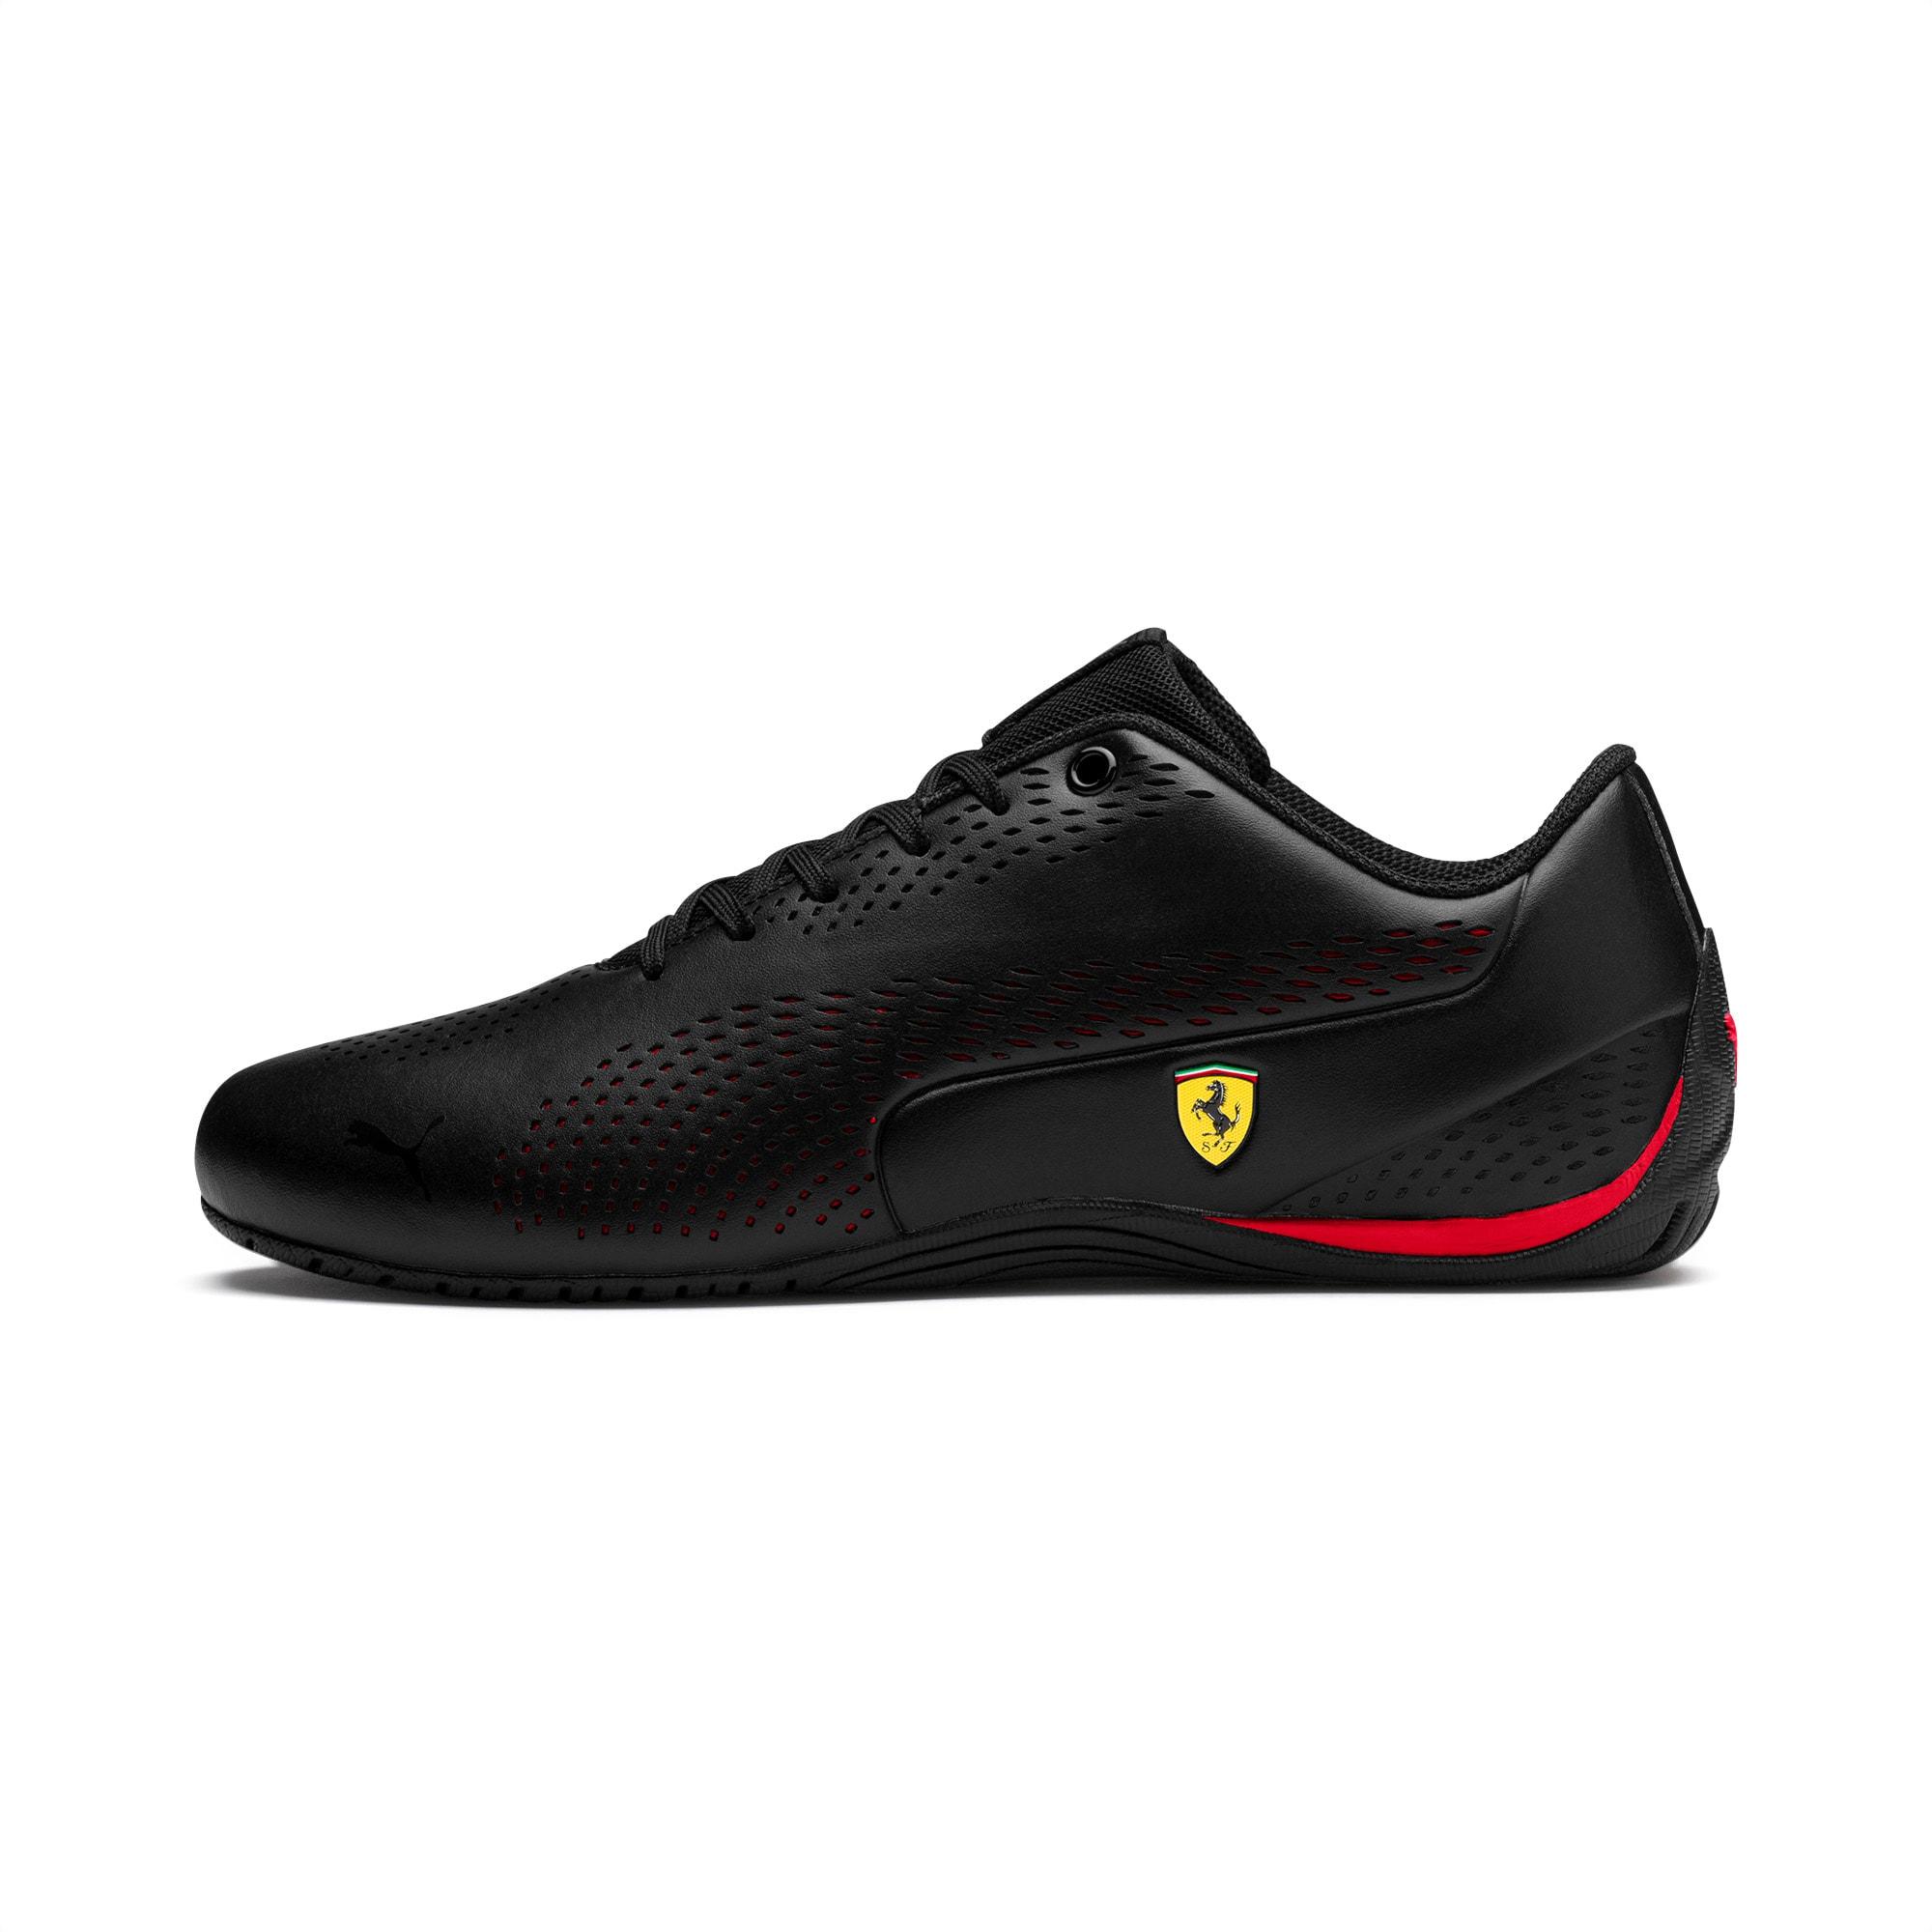 Scuderia Ferrari Drift Cat 5 Ultra II Shoes